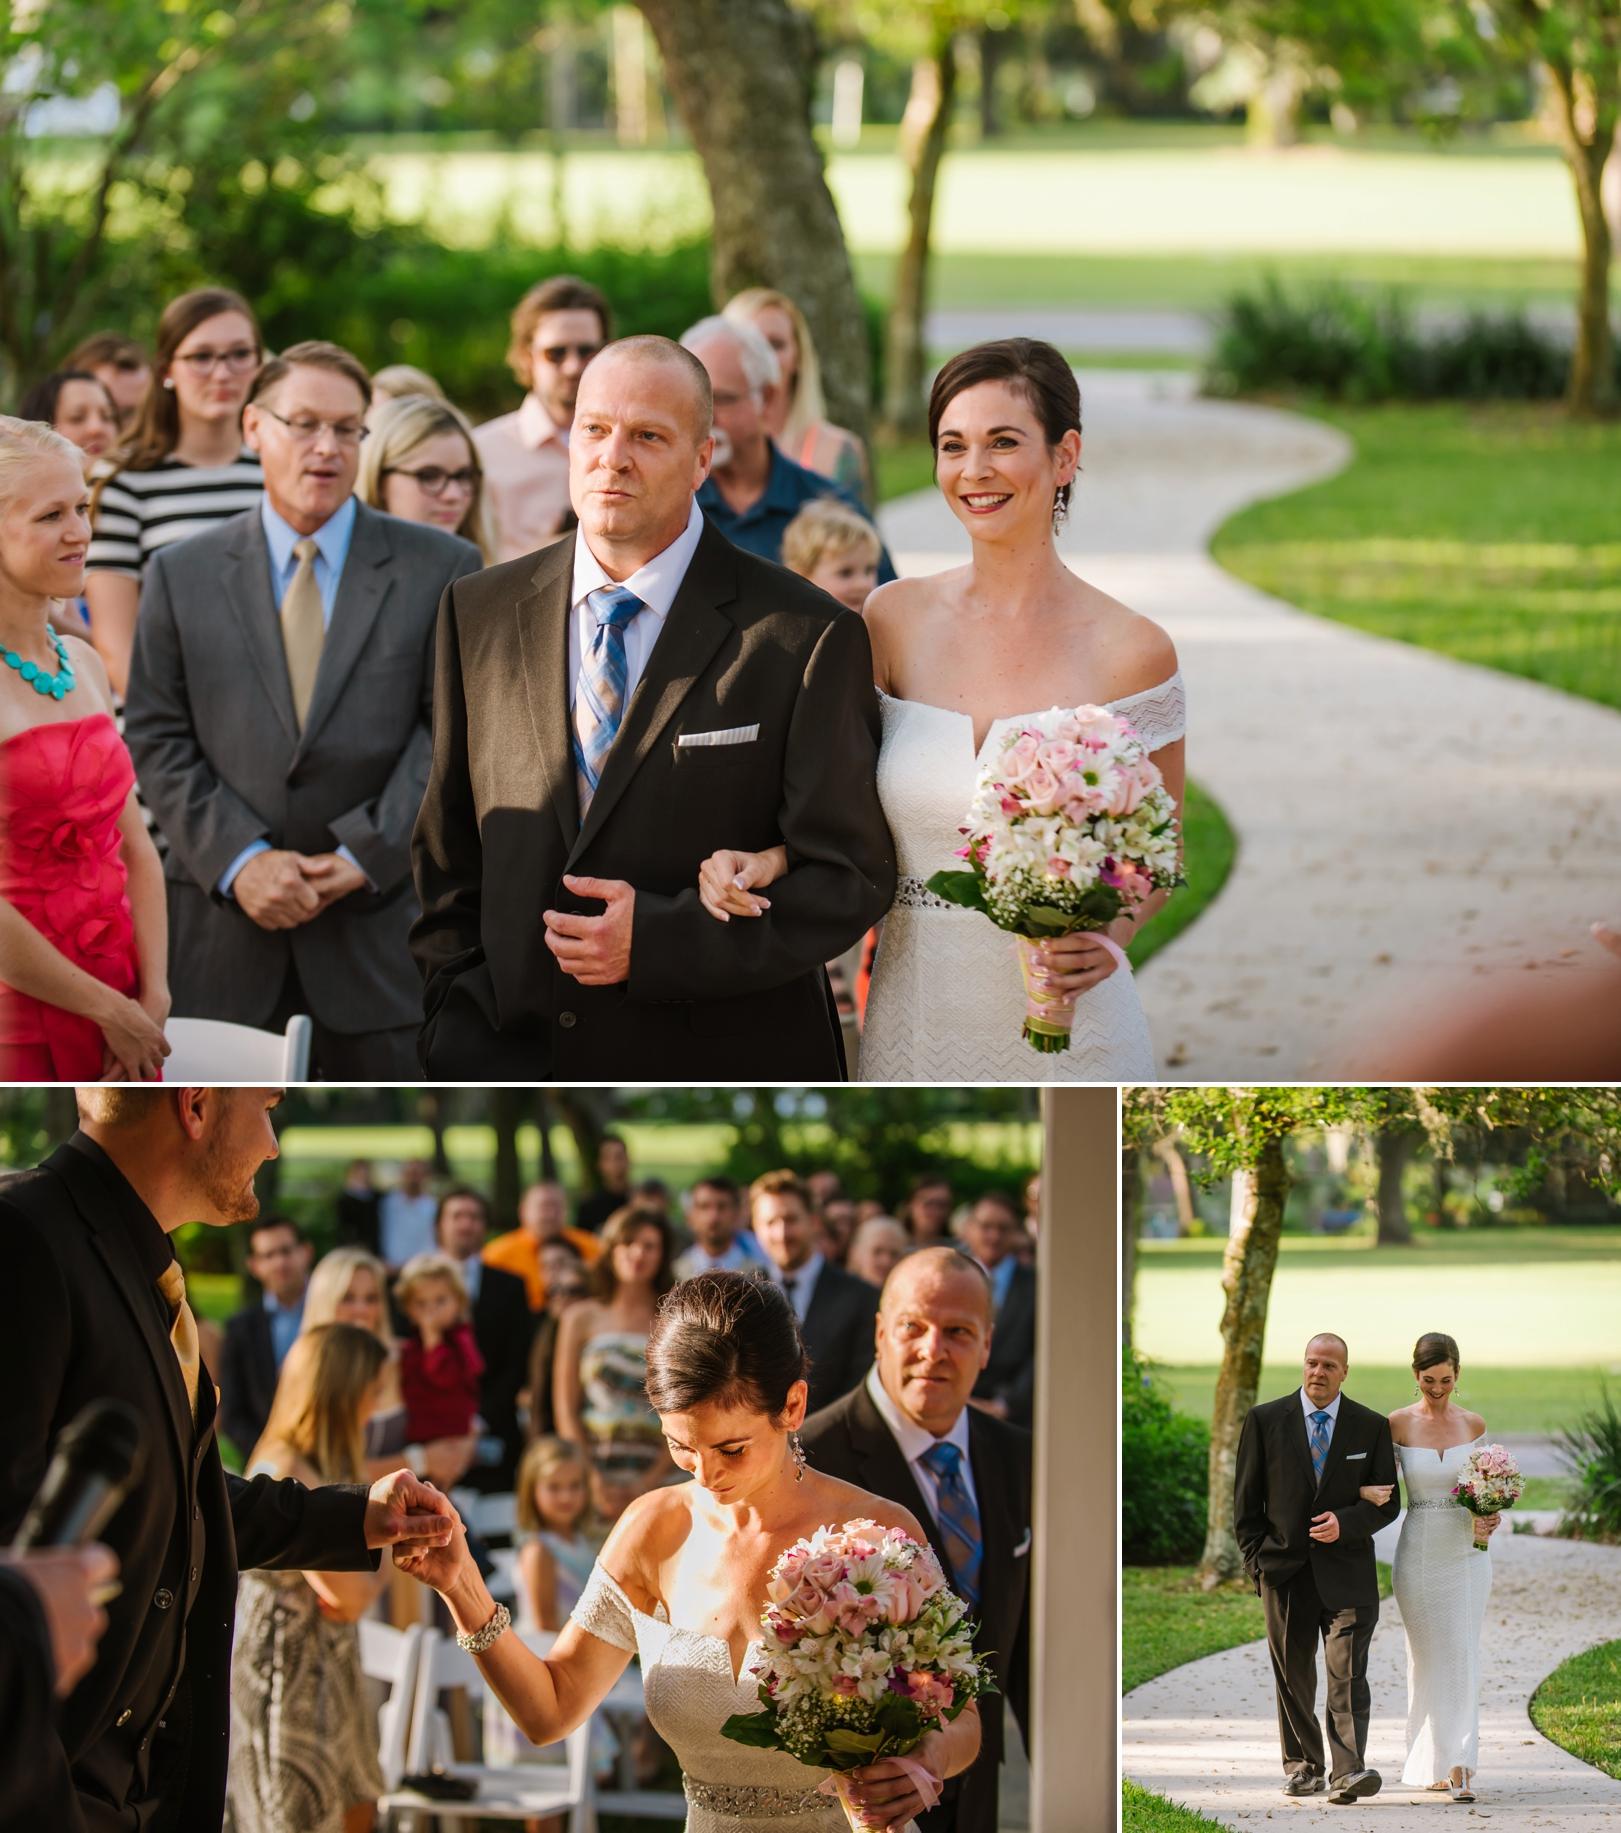 ashlee-hamon-photography-tampa-rustic-outdoor-traditional-wedding_0005.jpg